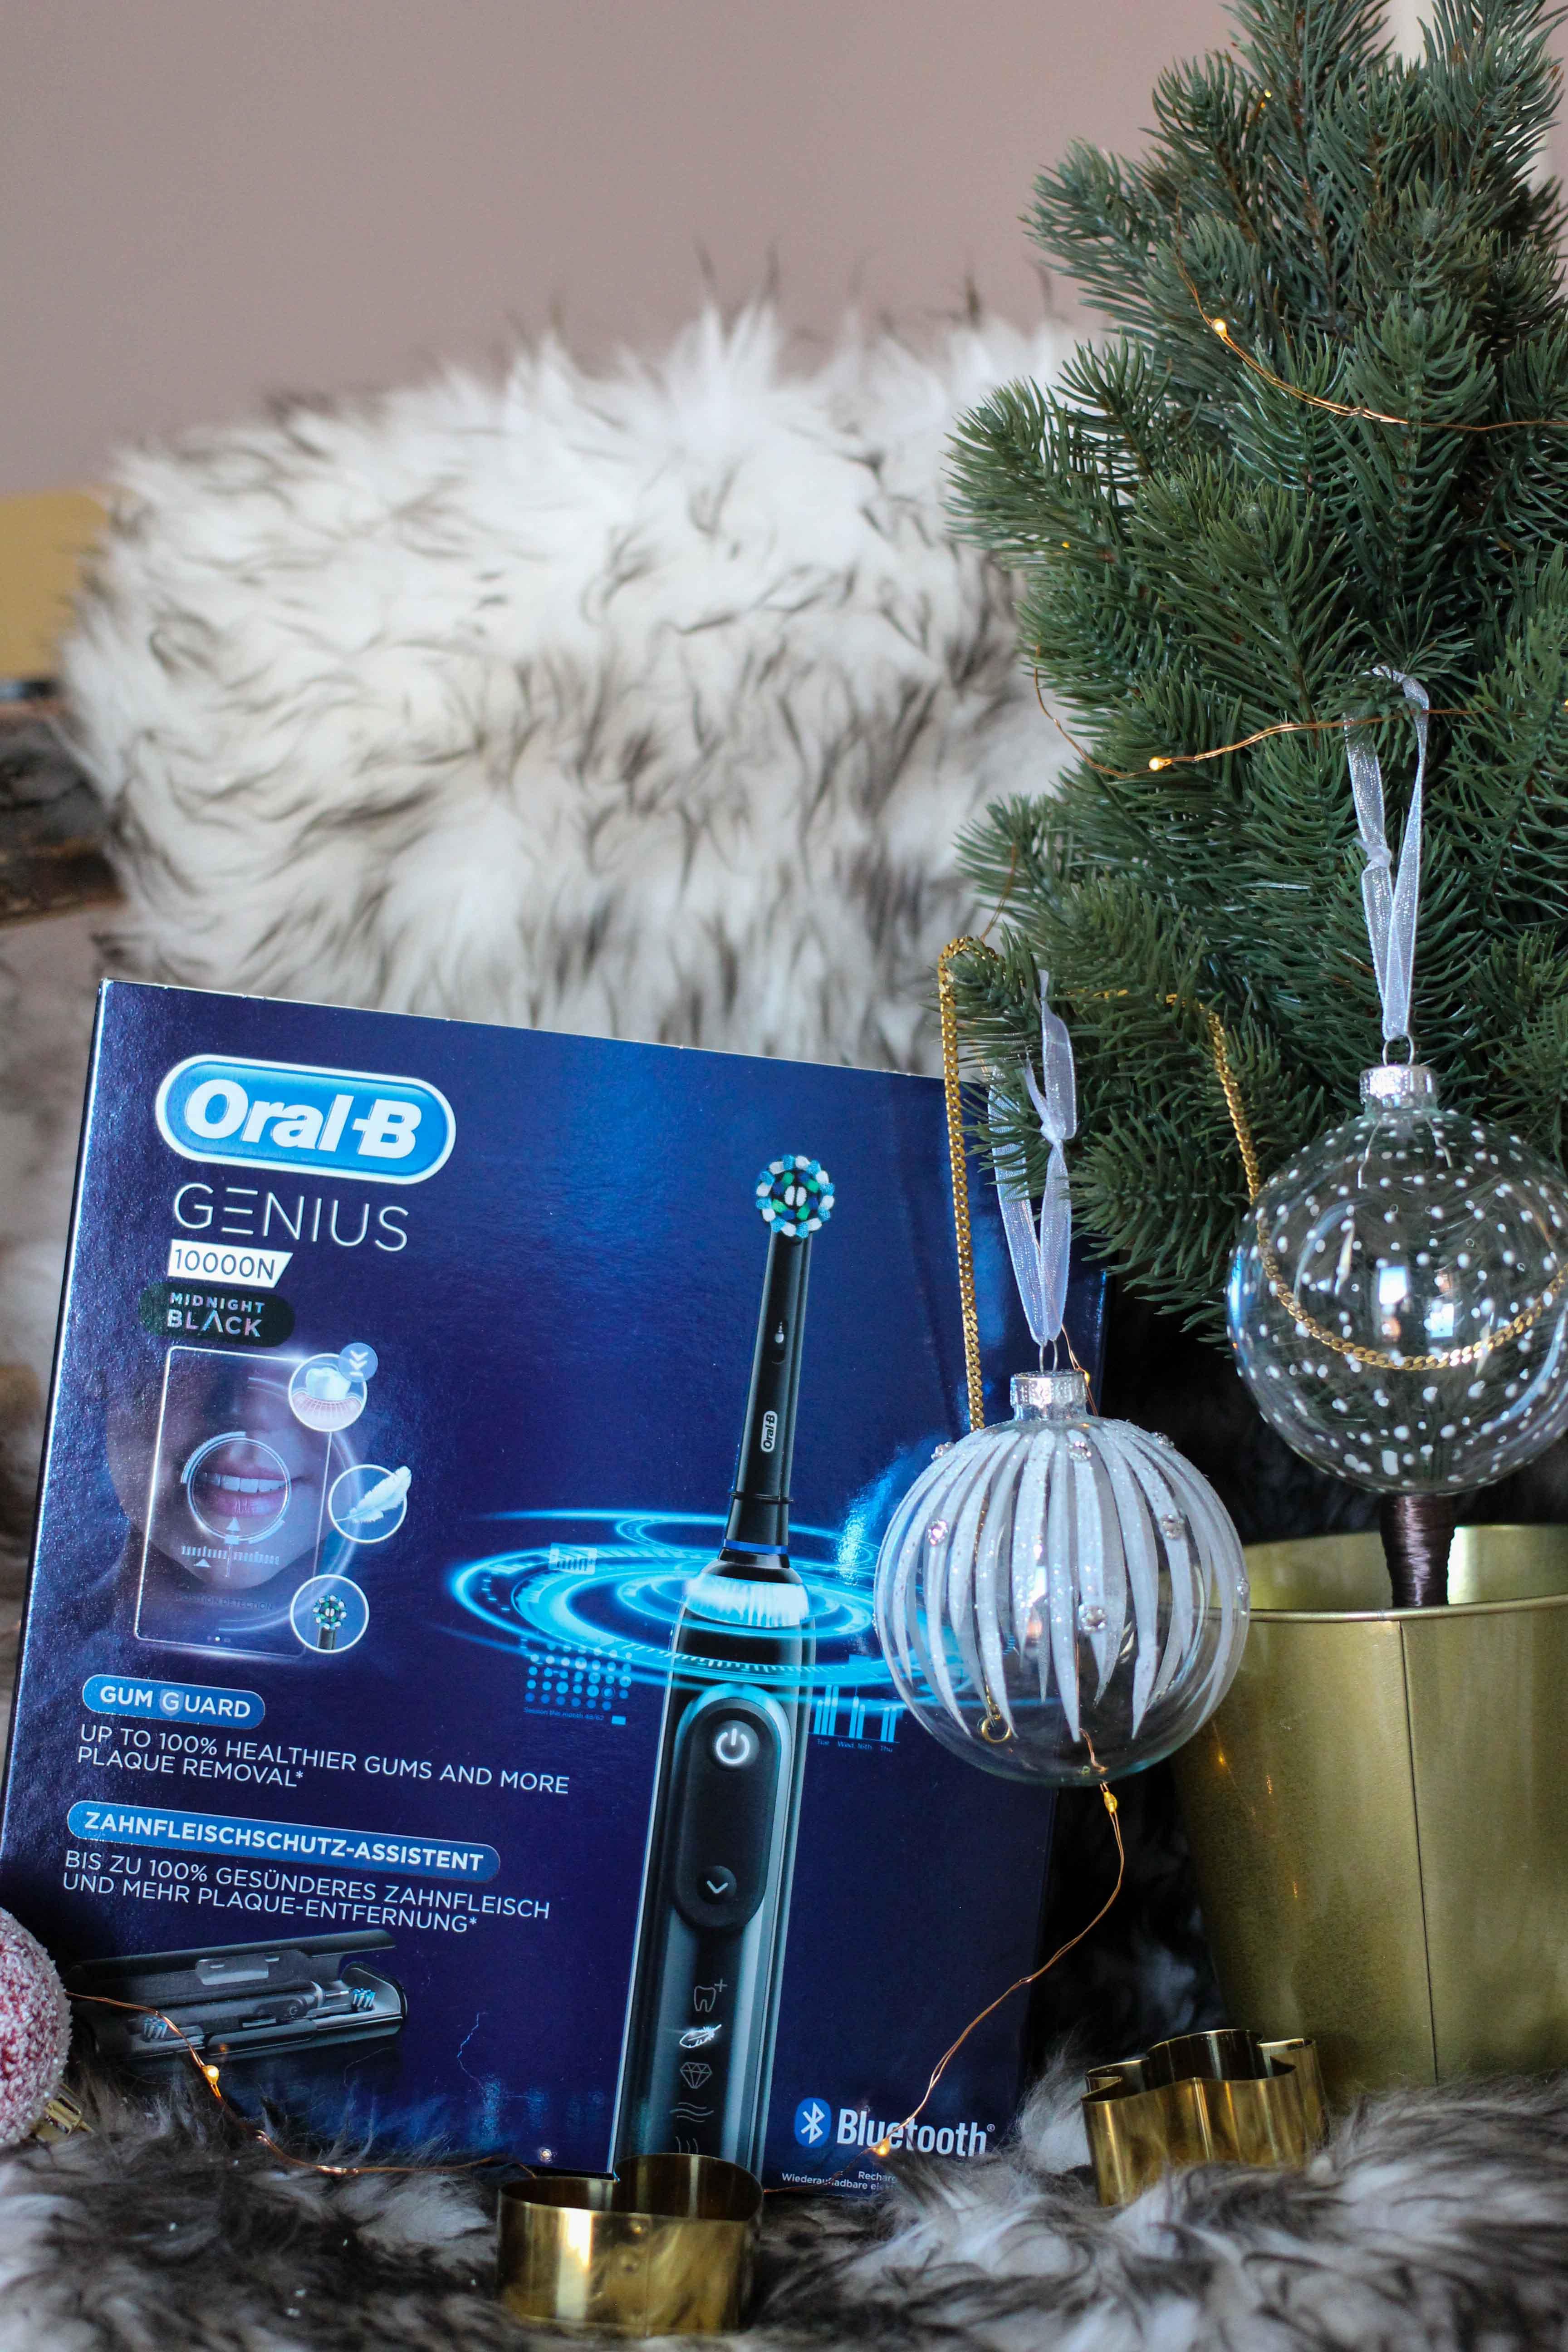 Aldi Adventskalender Gewinnspiel Oral-B Genius 10000N Black Edition ALDIventskalender elektrische Zahnbürste Weihnachtsgeschenk Blog